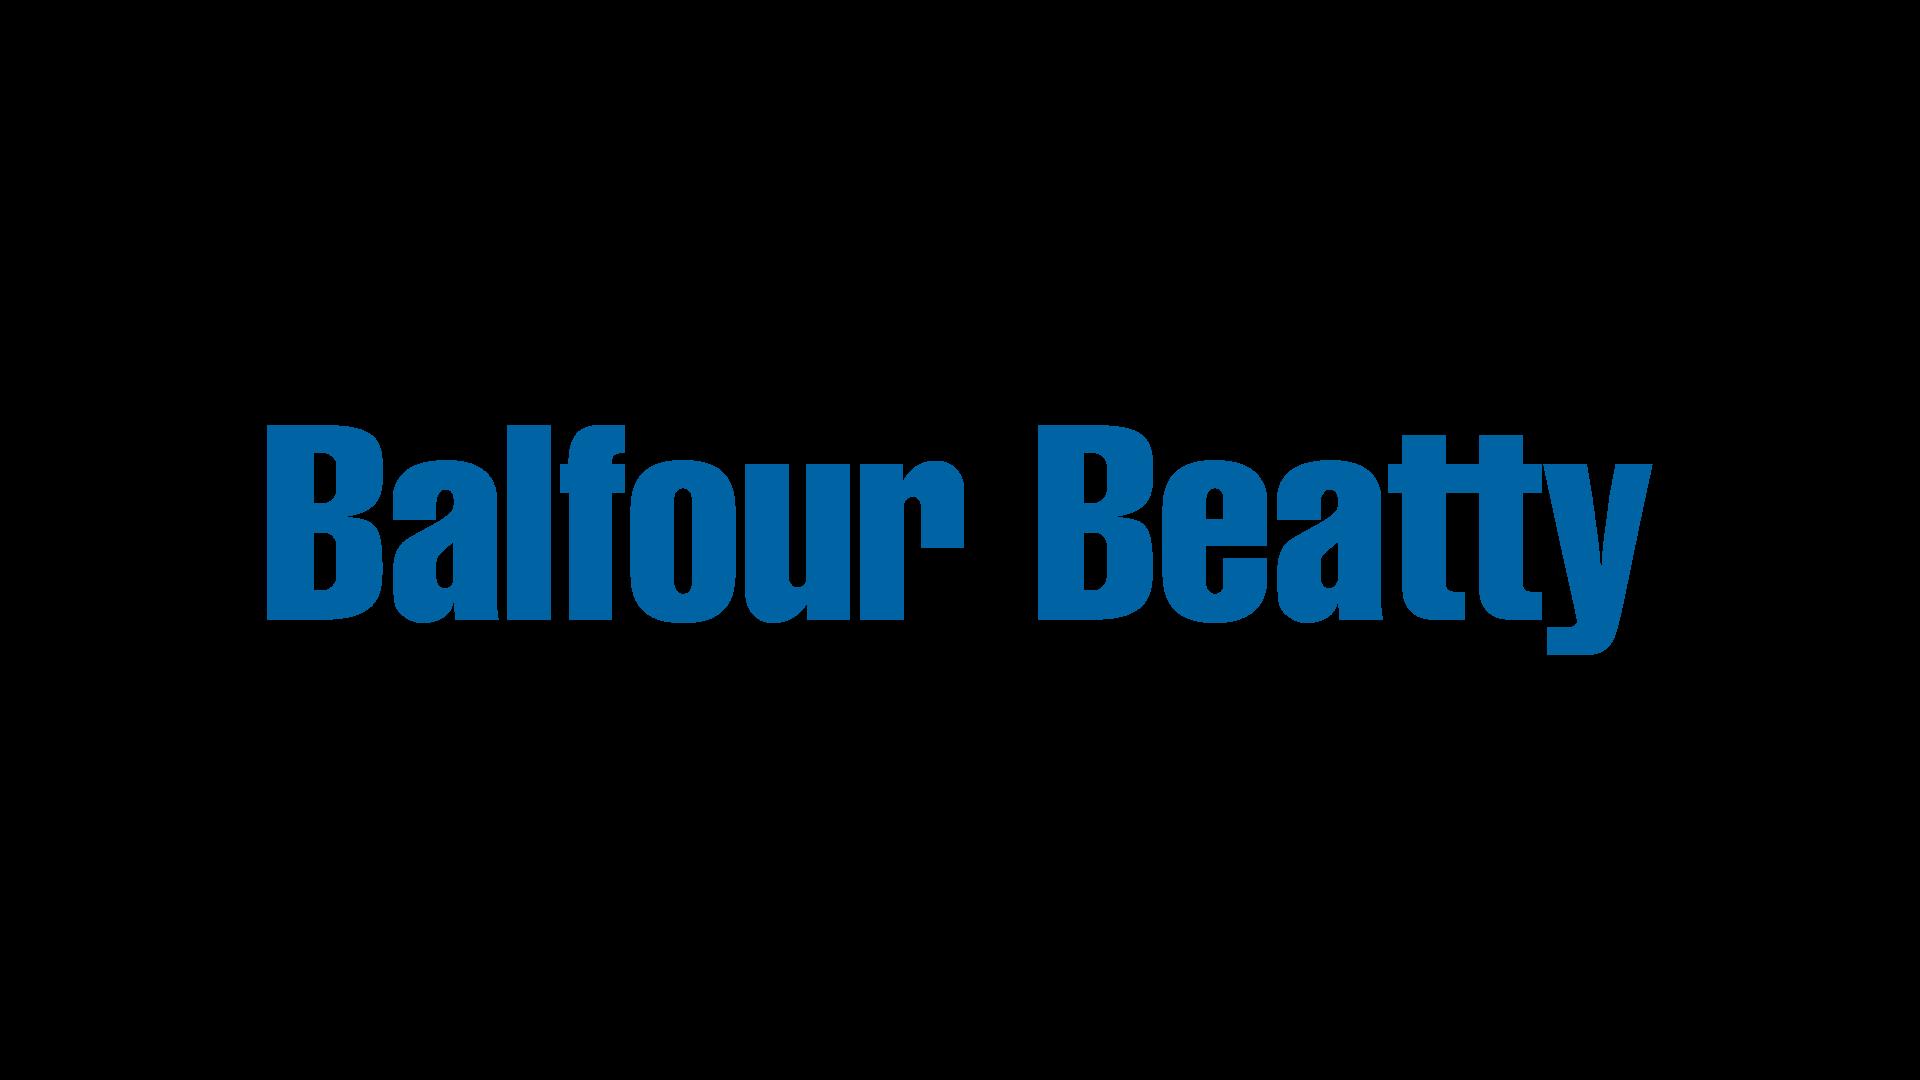 CADS client Balfour Beatty